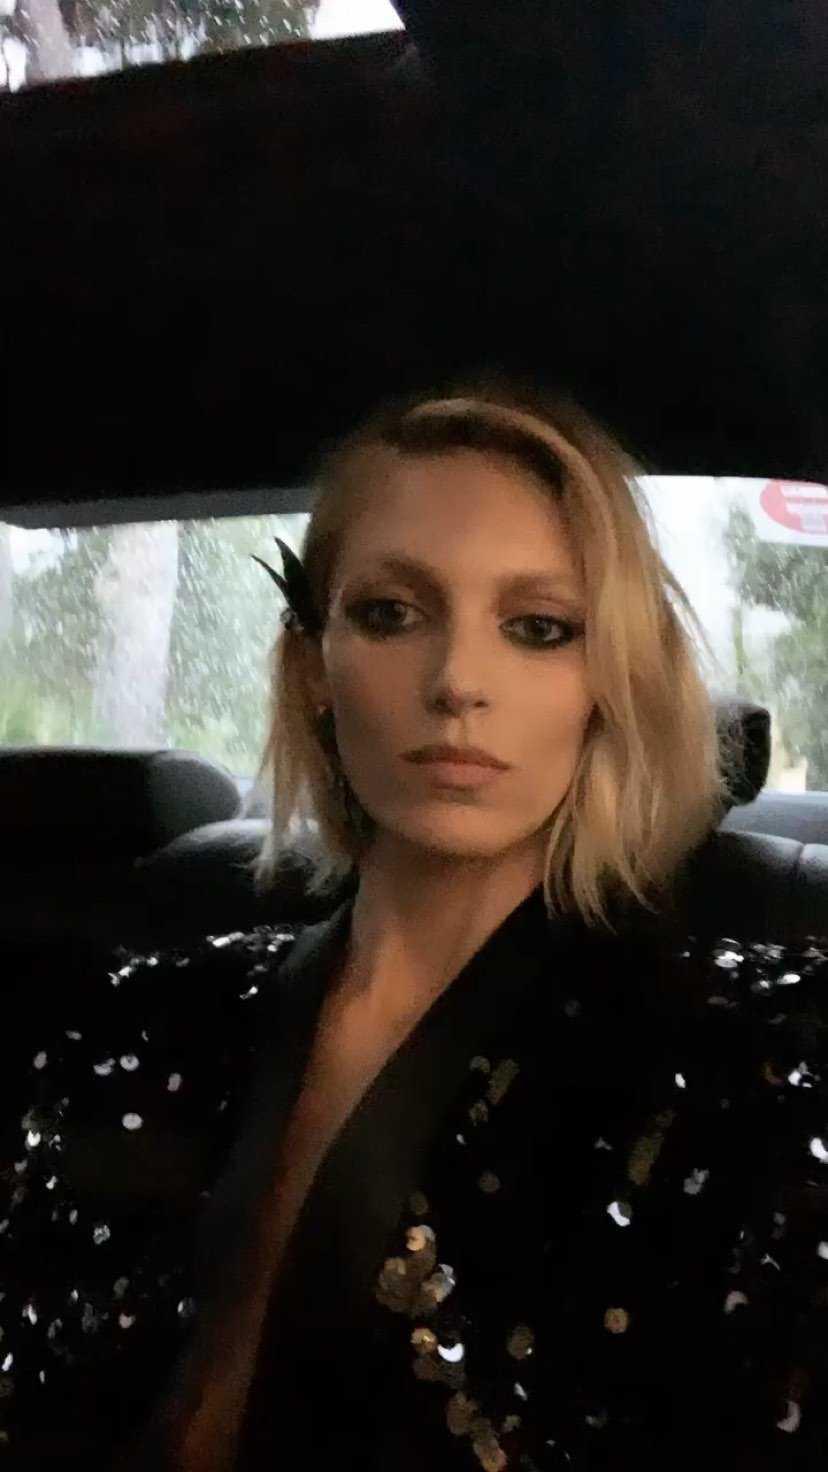 Anja Rubik W Drodze Na Przyjęcie Cannes 2019 Jastrząb Post